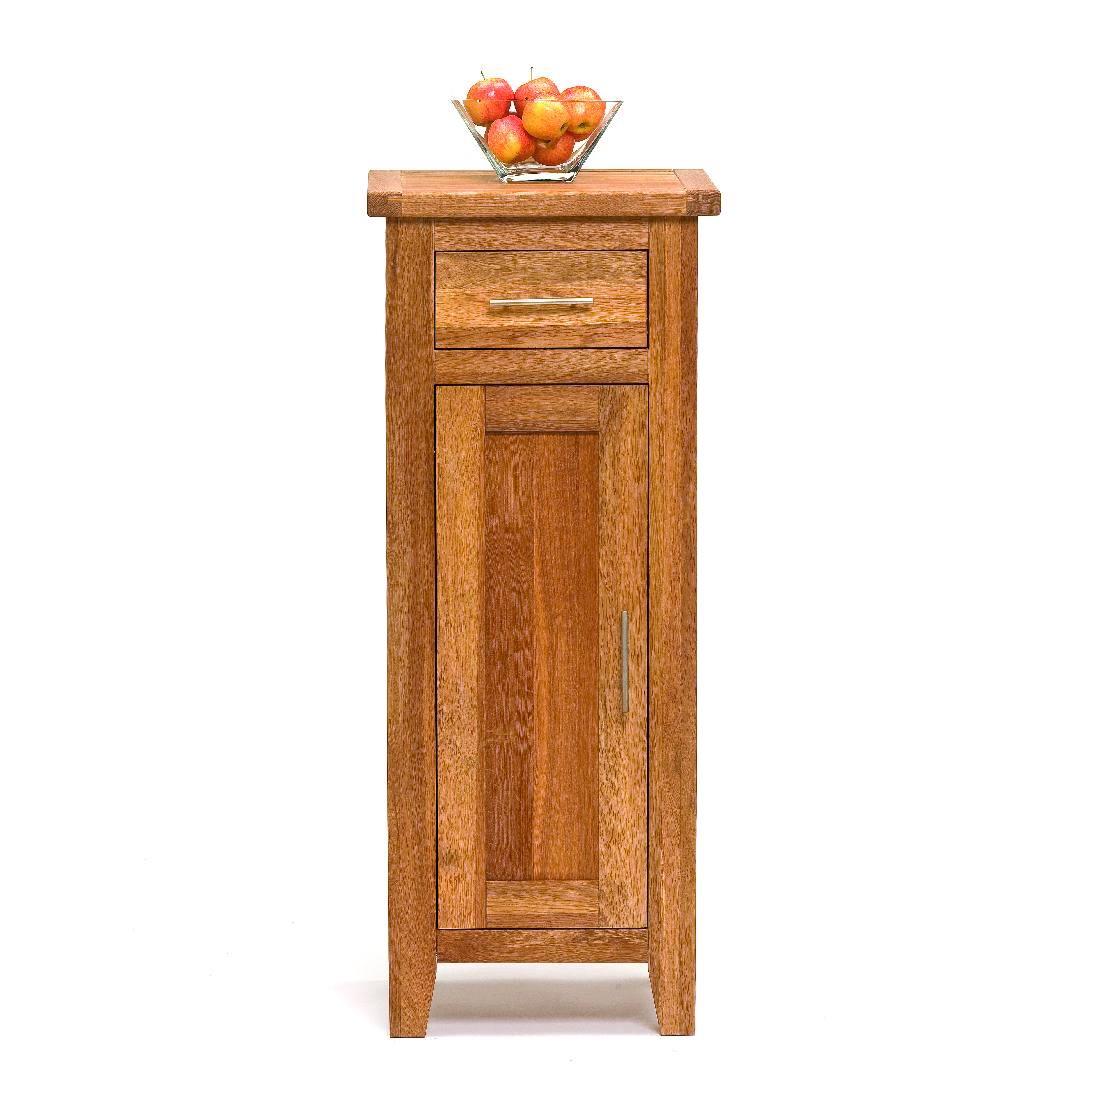 Kommode Jada - mit einer Tür und Schublade (Kommode Jada- mit einer Tür und Schublade)